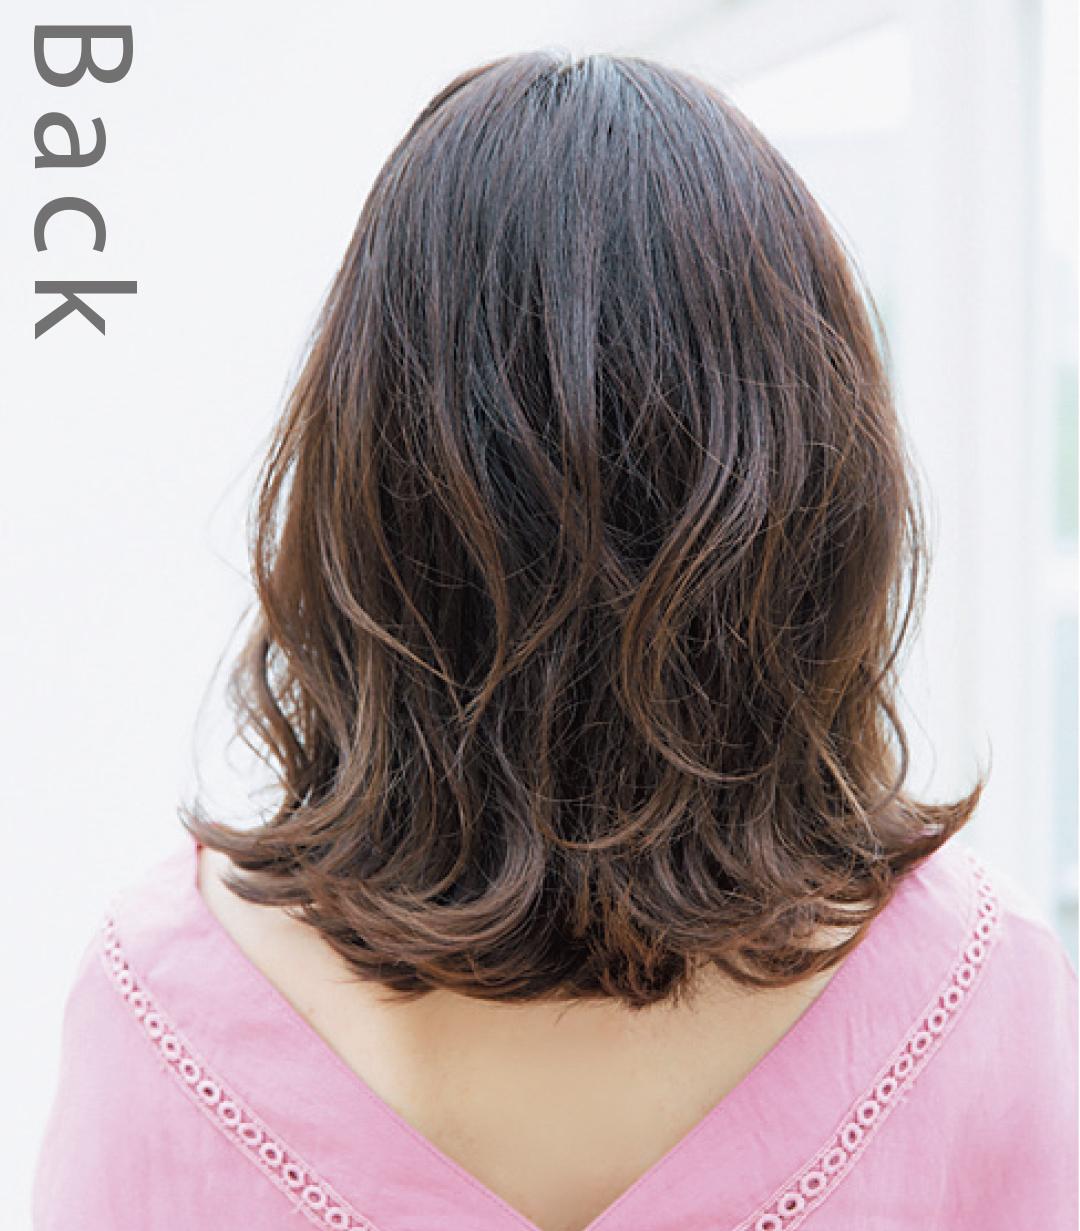 乾かすだけでキマる! 秋の女っぽヘアを叶えるボディパーマはコレ!_1_2-2